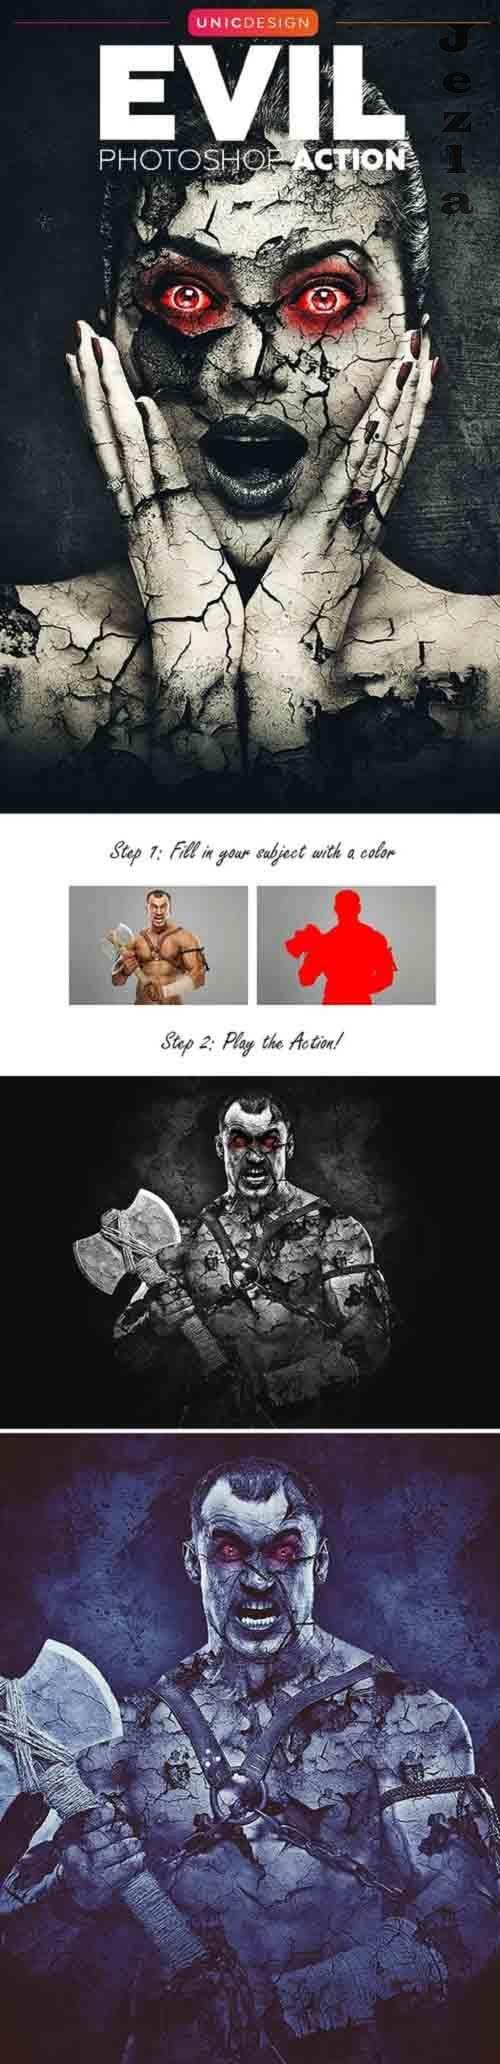 GraphicRiver - Evil Photoshop Action 20775590